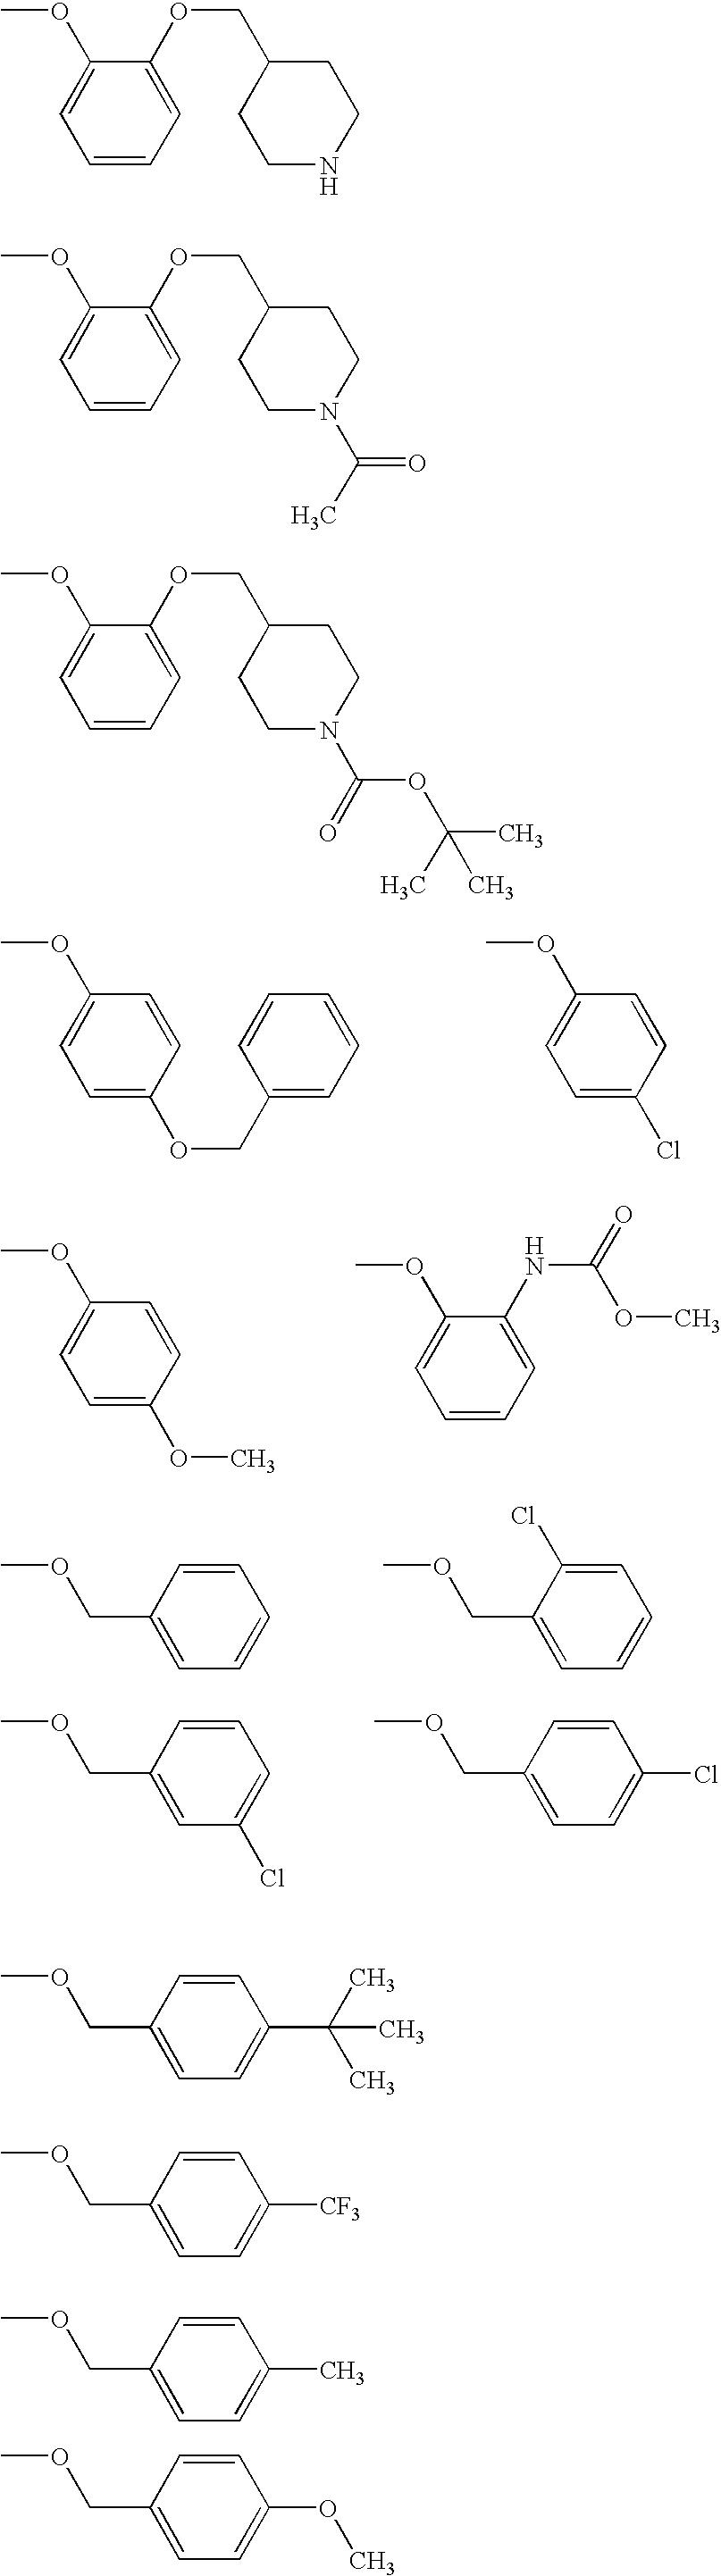 Figure US20070049593A1-20070301-C00217